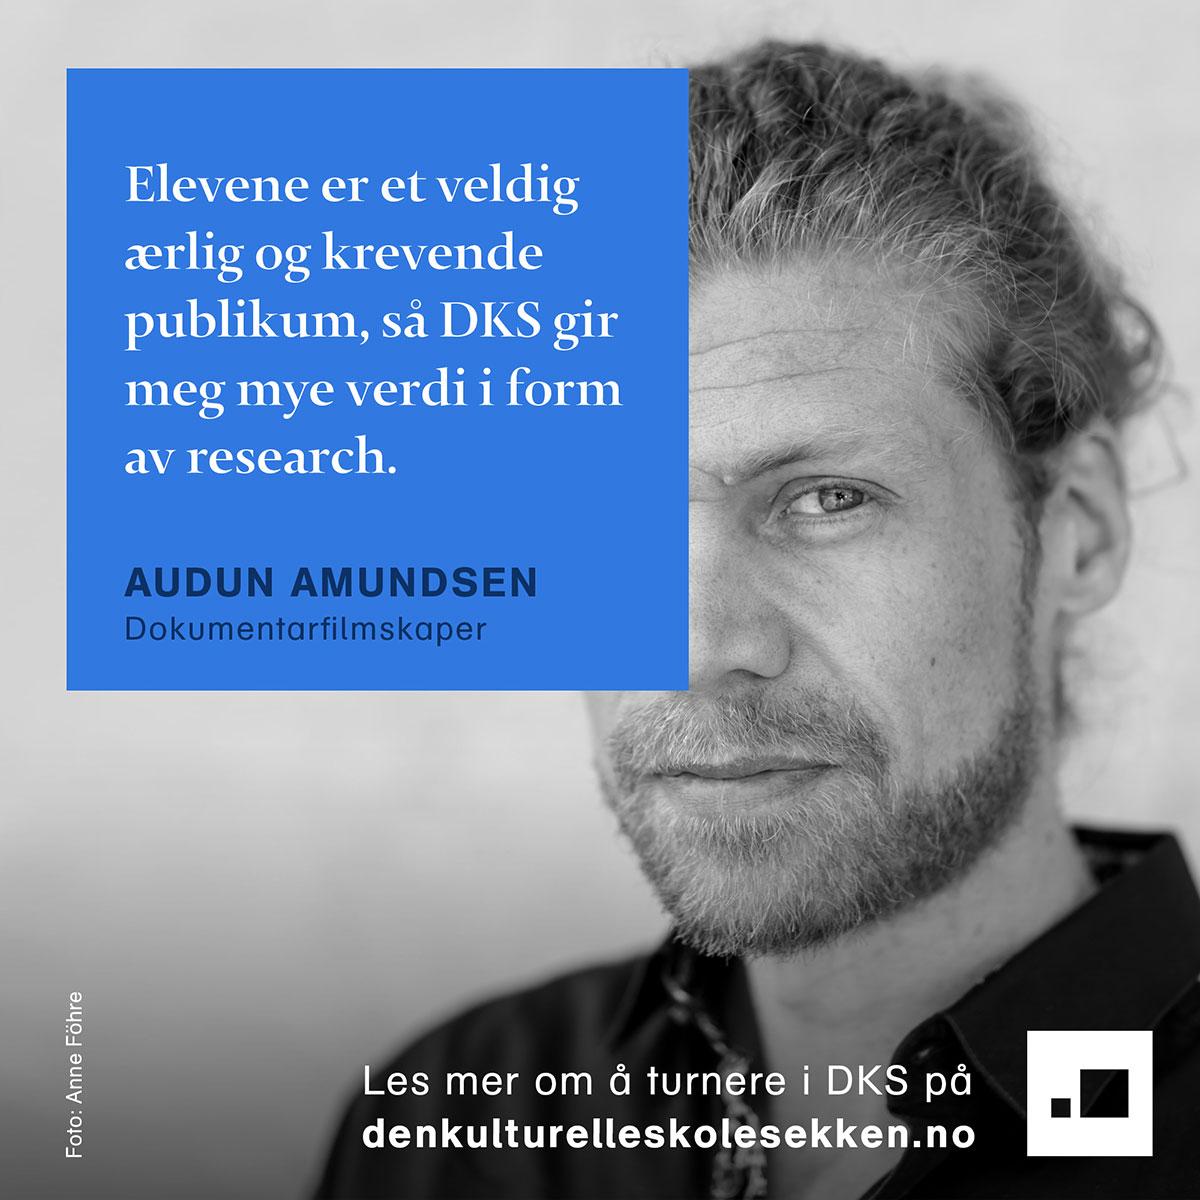 Sitat: Elevene er et veldig ærlig og krevende publikum, så DKS gir meg mye verdi i form av research. - Audun Amundsen